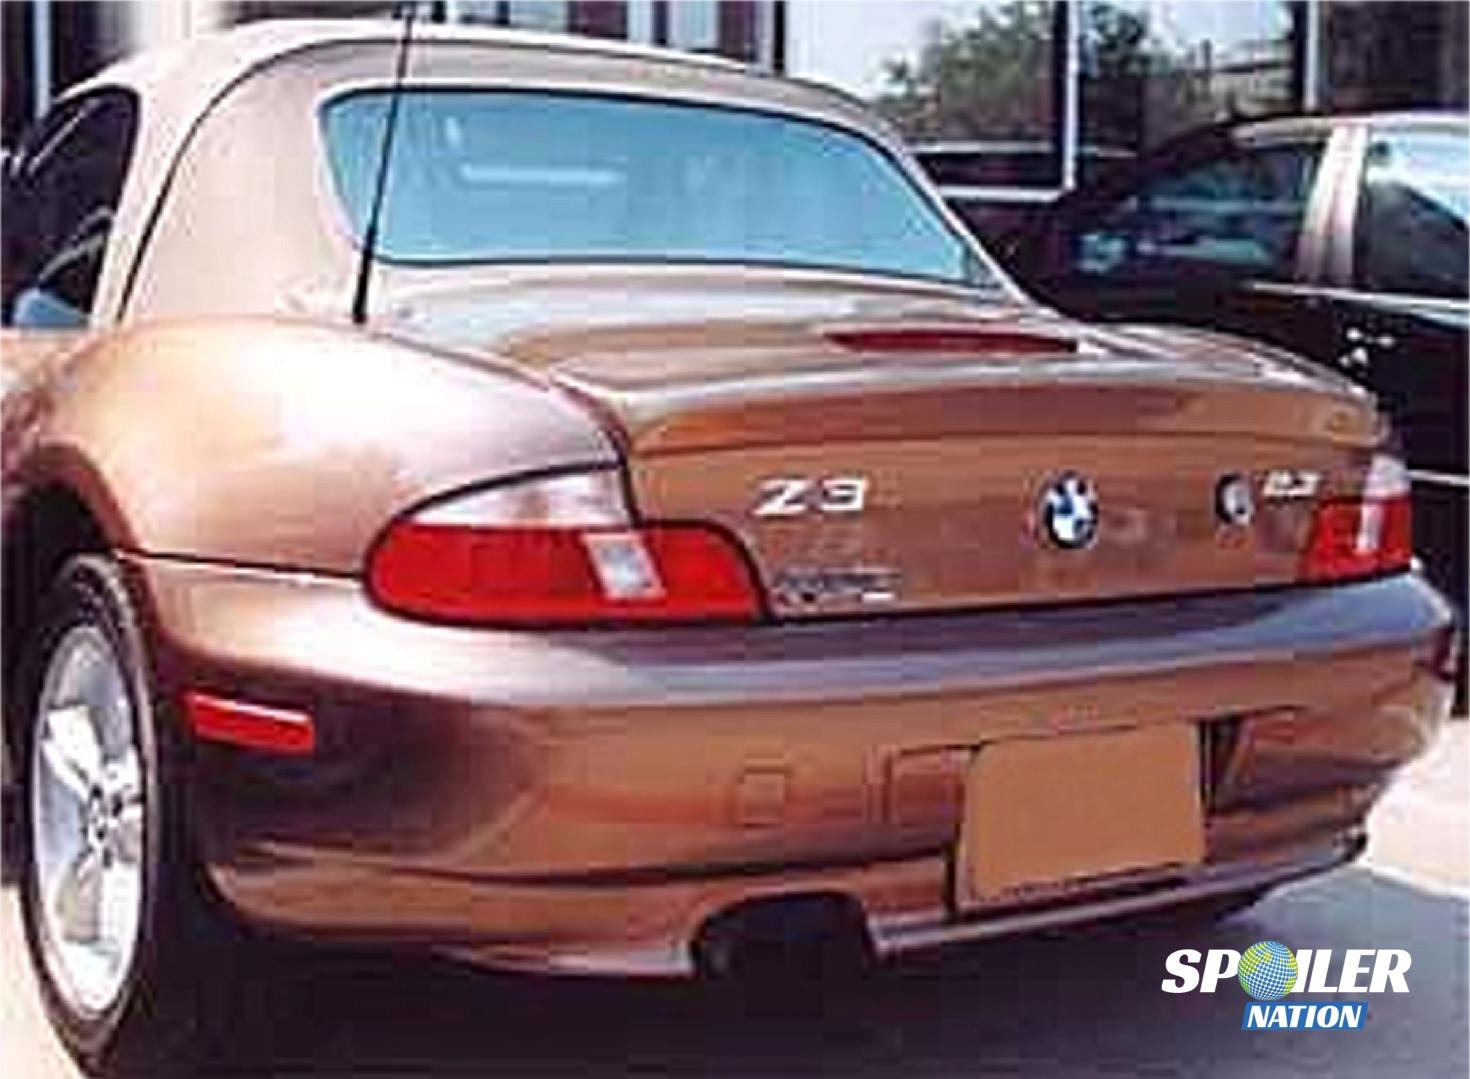 1999 2002 Bmw Z3 Factory Style Rear Trunk Lip Spoiler